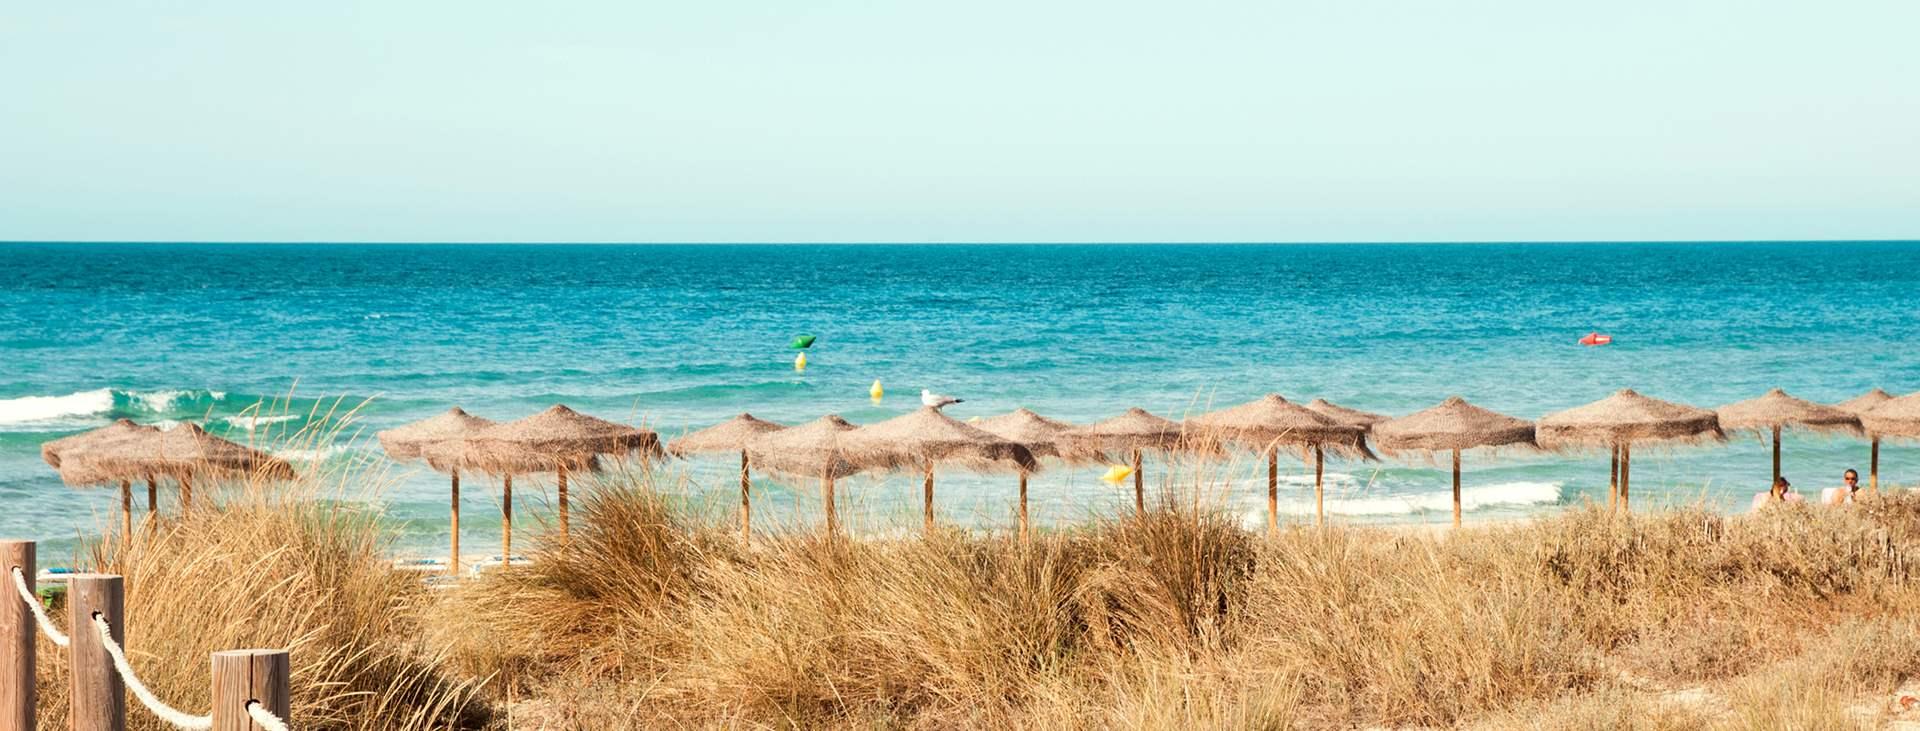 Boka din resa till Son Bou på Menorca med Ving